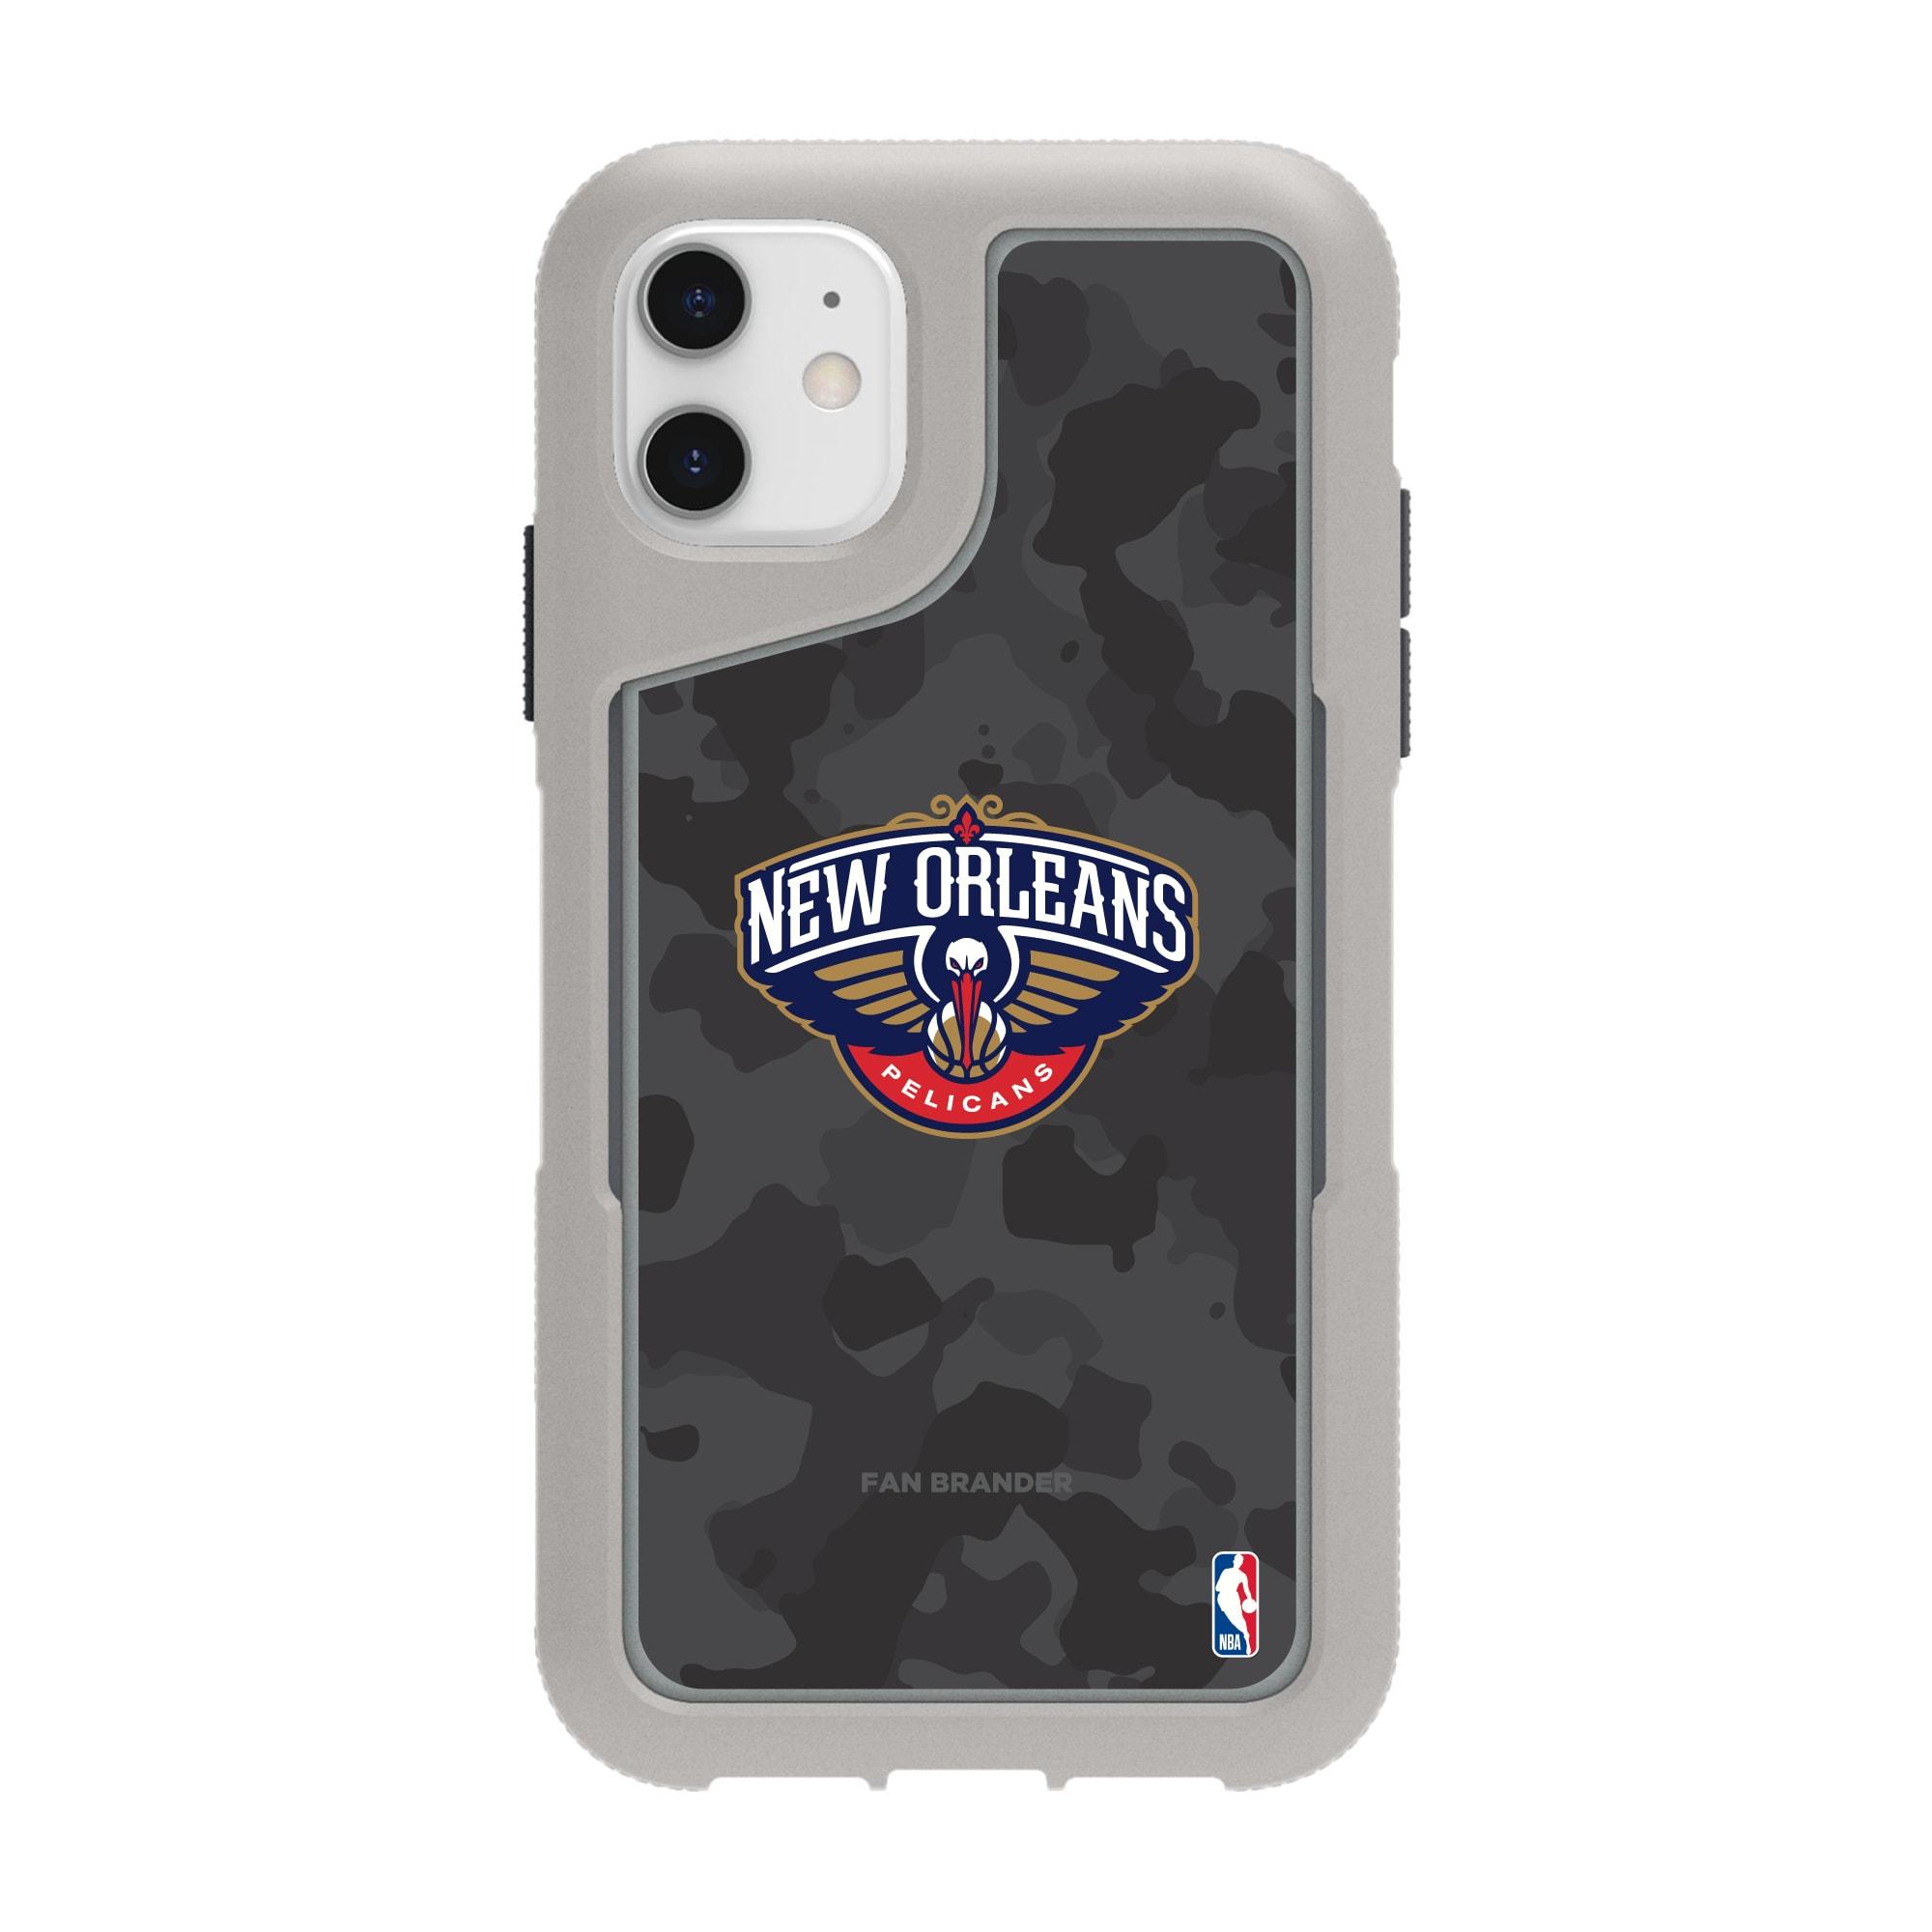 New Orleans Pelicans Griffin Survivor Endurance Camo iPhone Case - Gray